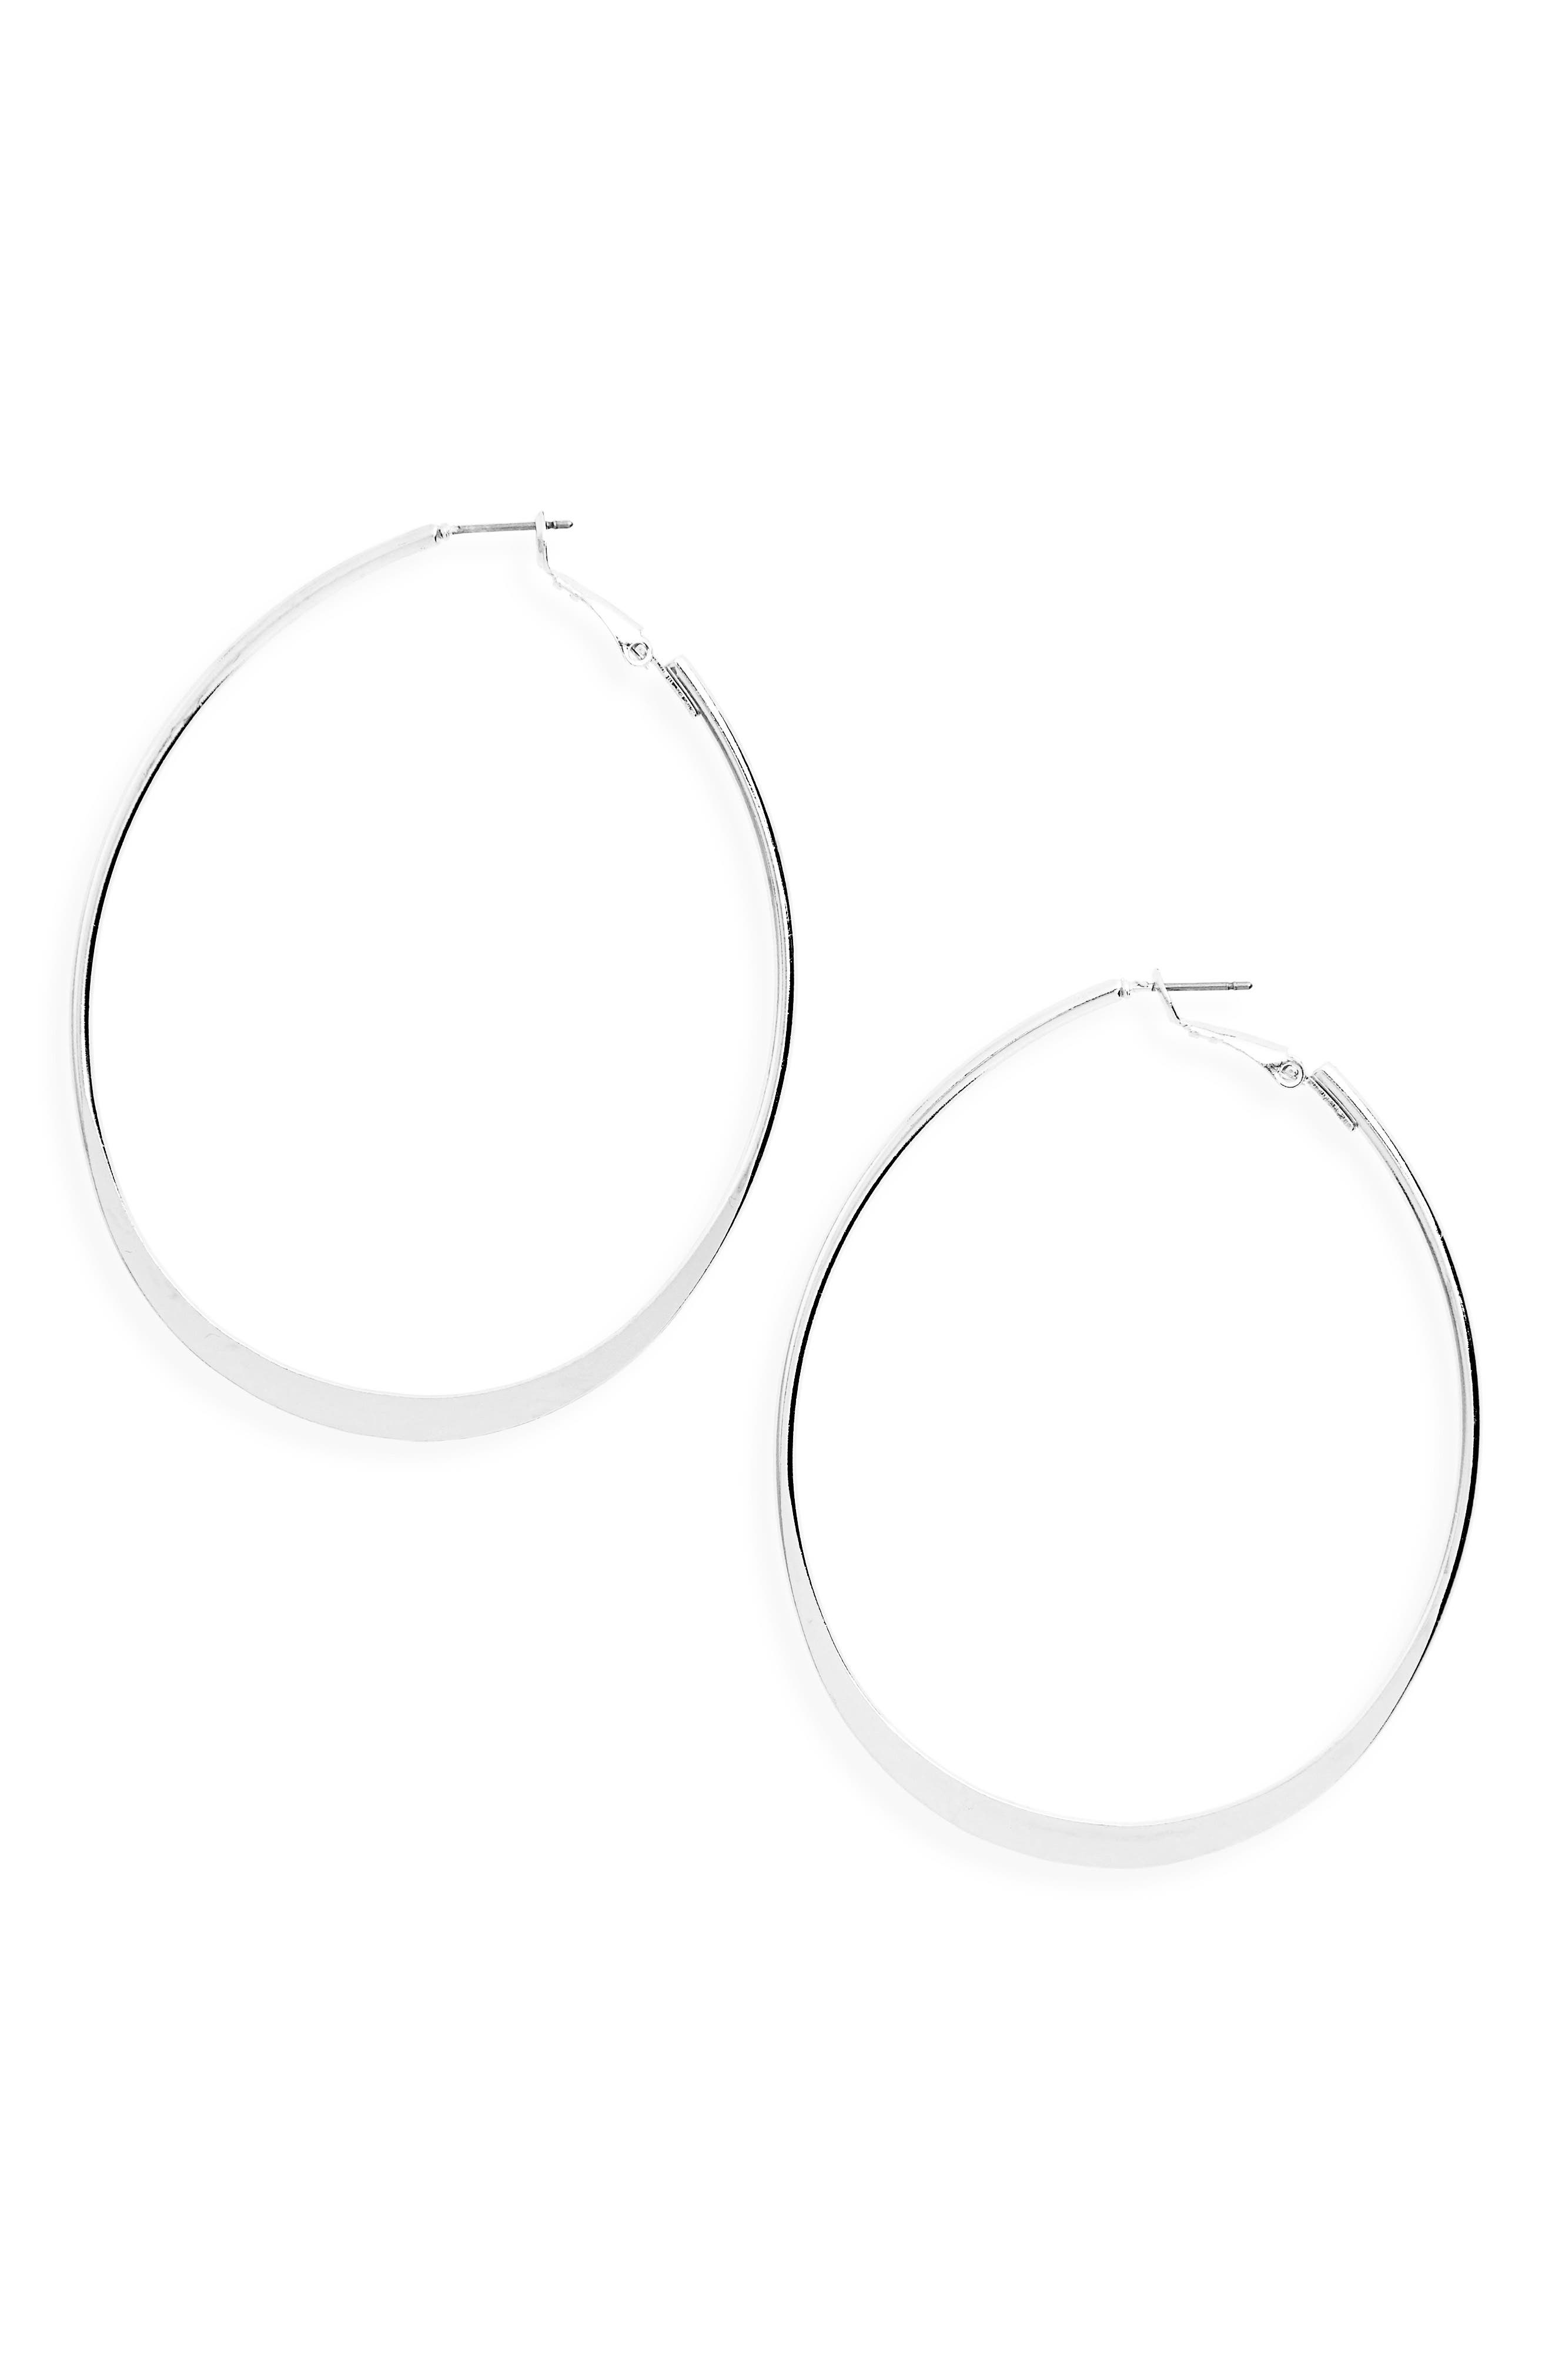 Oval Hoop Earrings,                             Main thumbnail 1, color,                             Silver